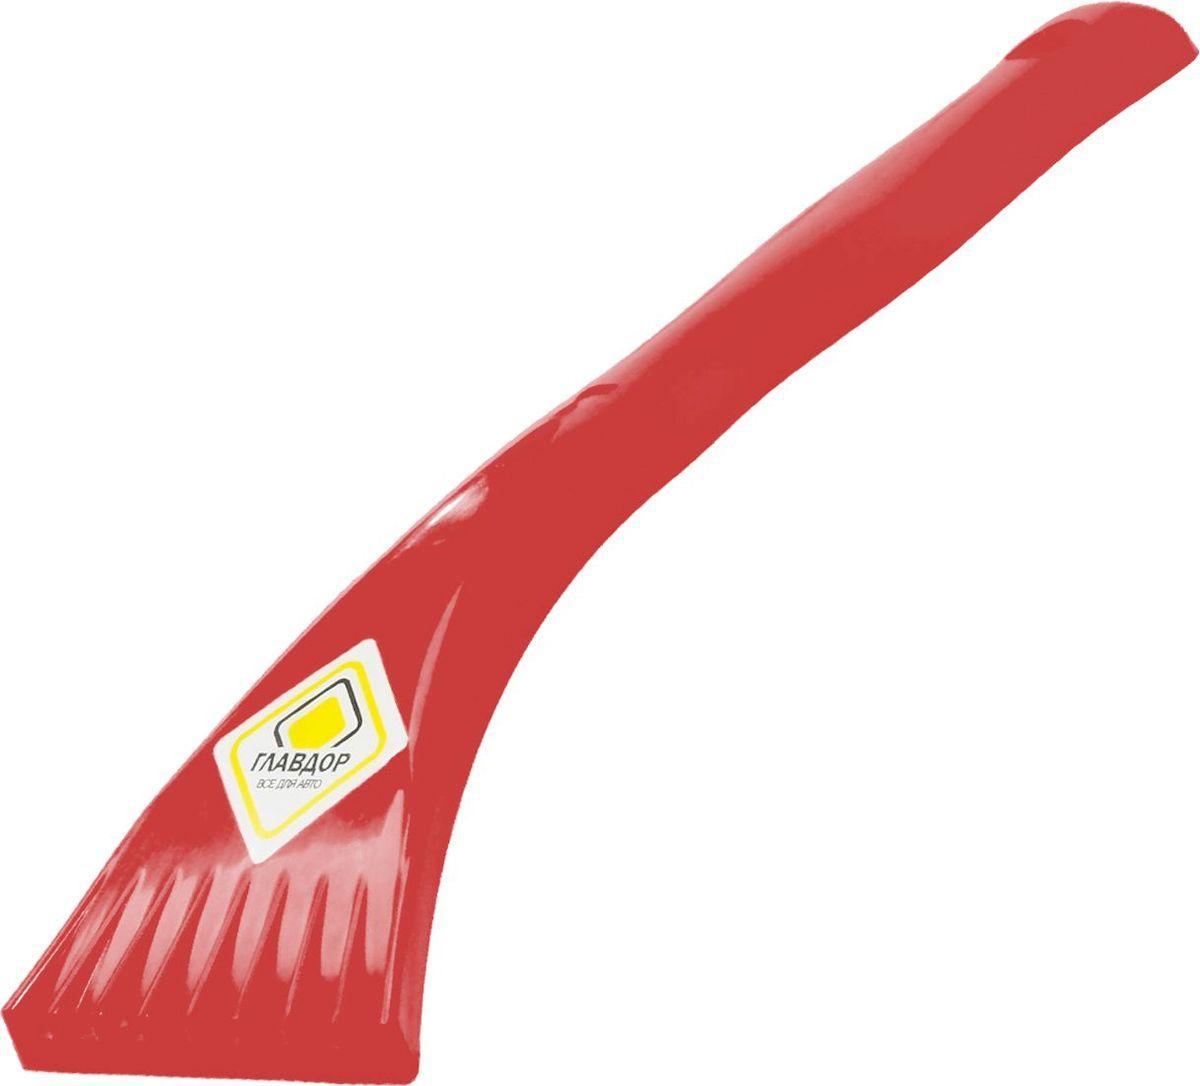 Скребок Главдор, цвет: красныйVCA-00Скребок Главдор выполнен из пластика и предназначен для очистки стекол ото льда и снега.